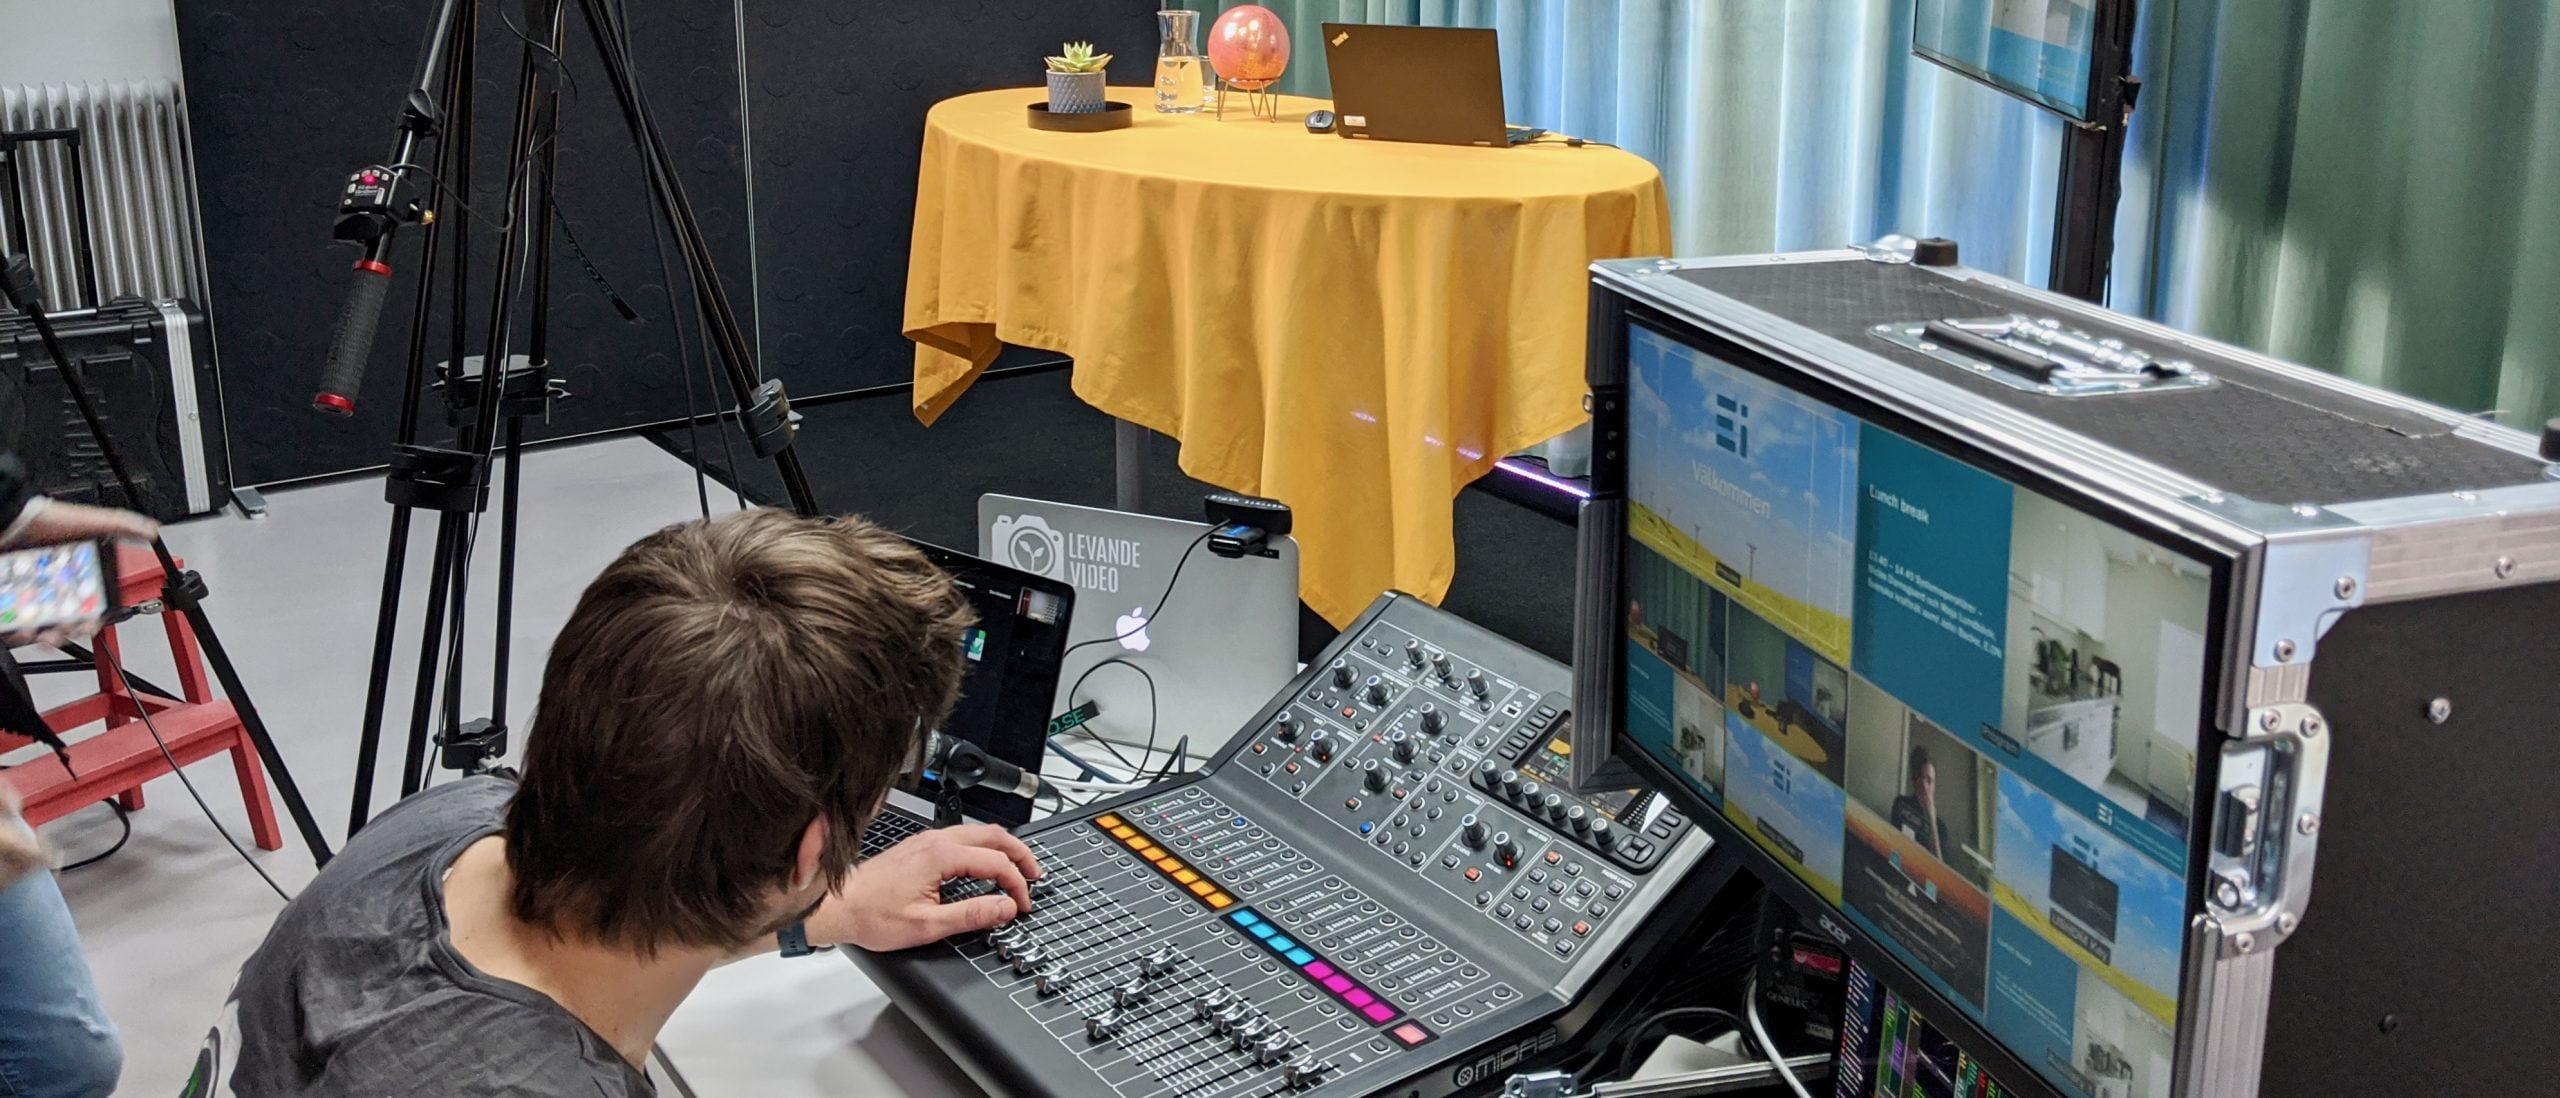 Nils sitter längst bak i studion, med ljud- och bildmixer framför honom. I bakgrunden syns scenen.